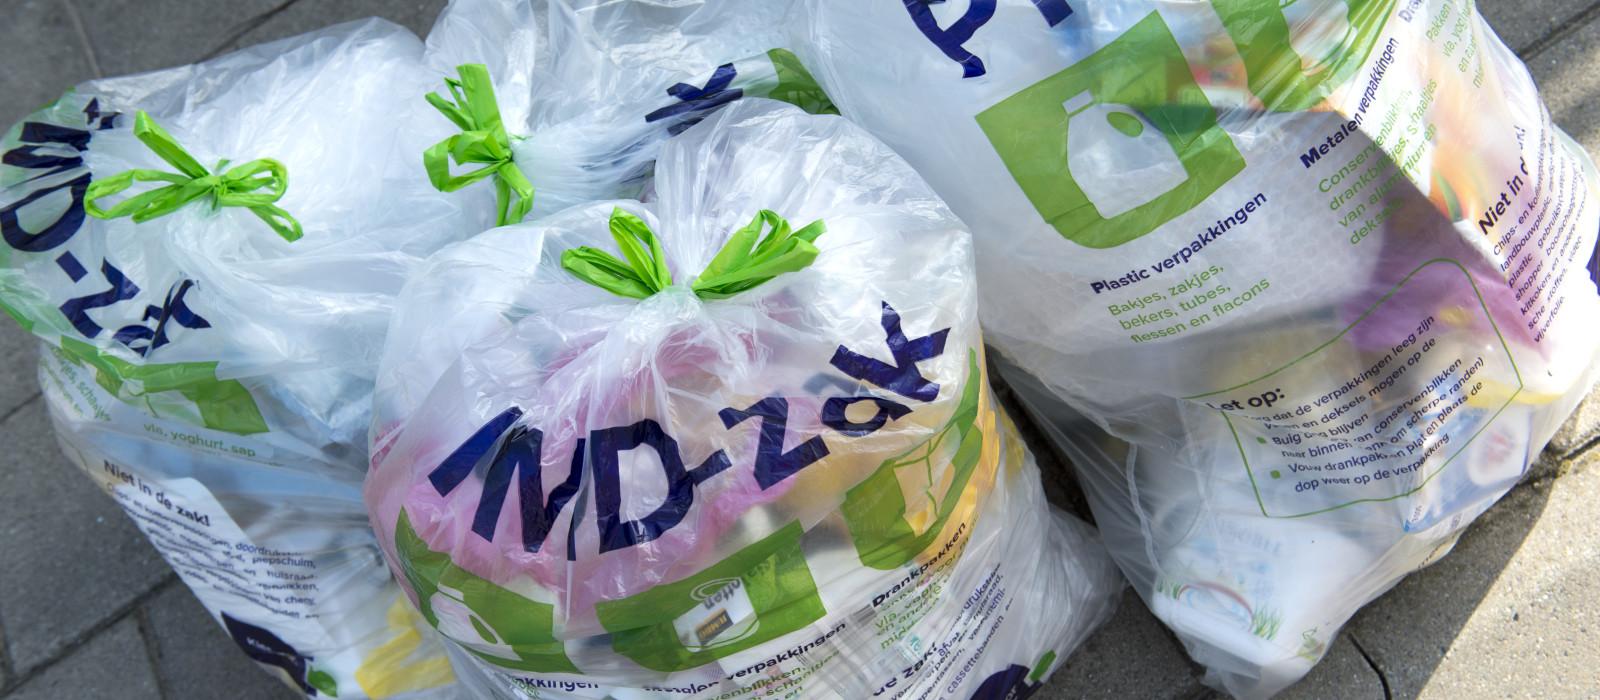 Wijziging inzameldagen PMD-zakken